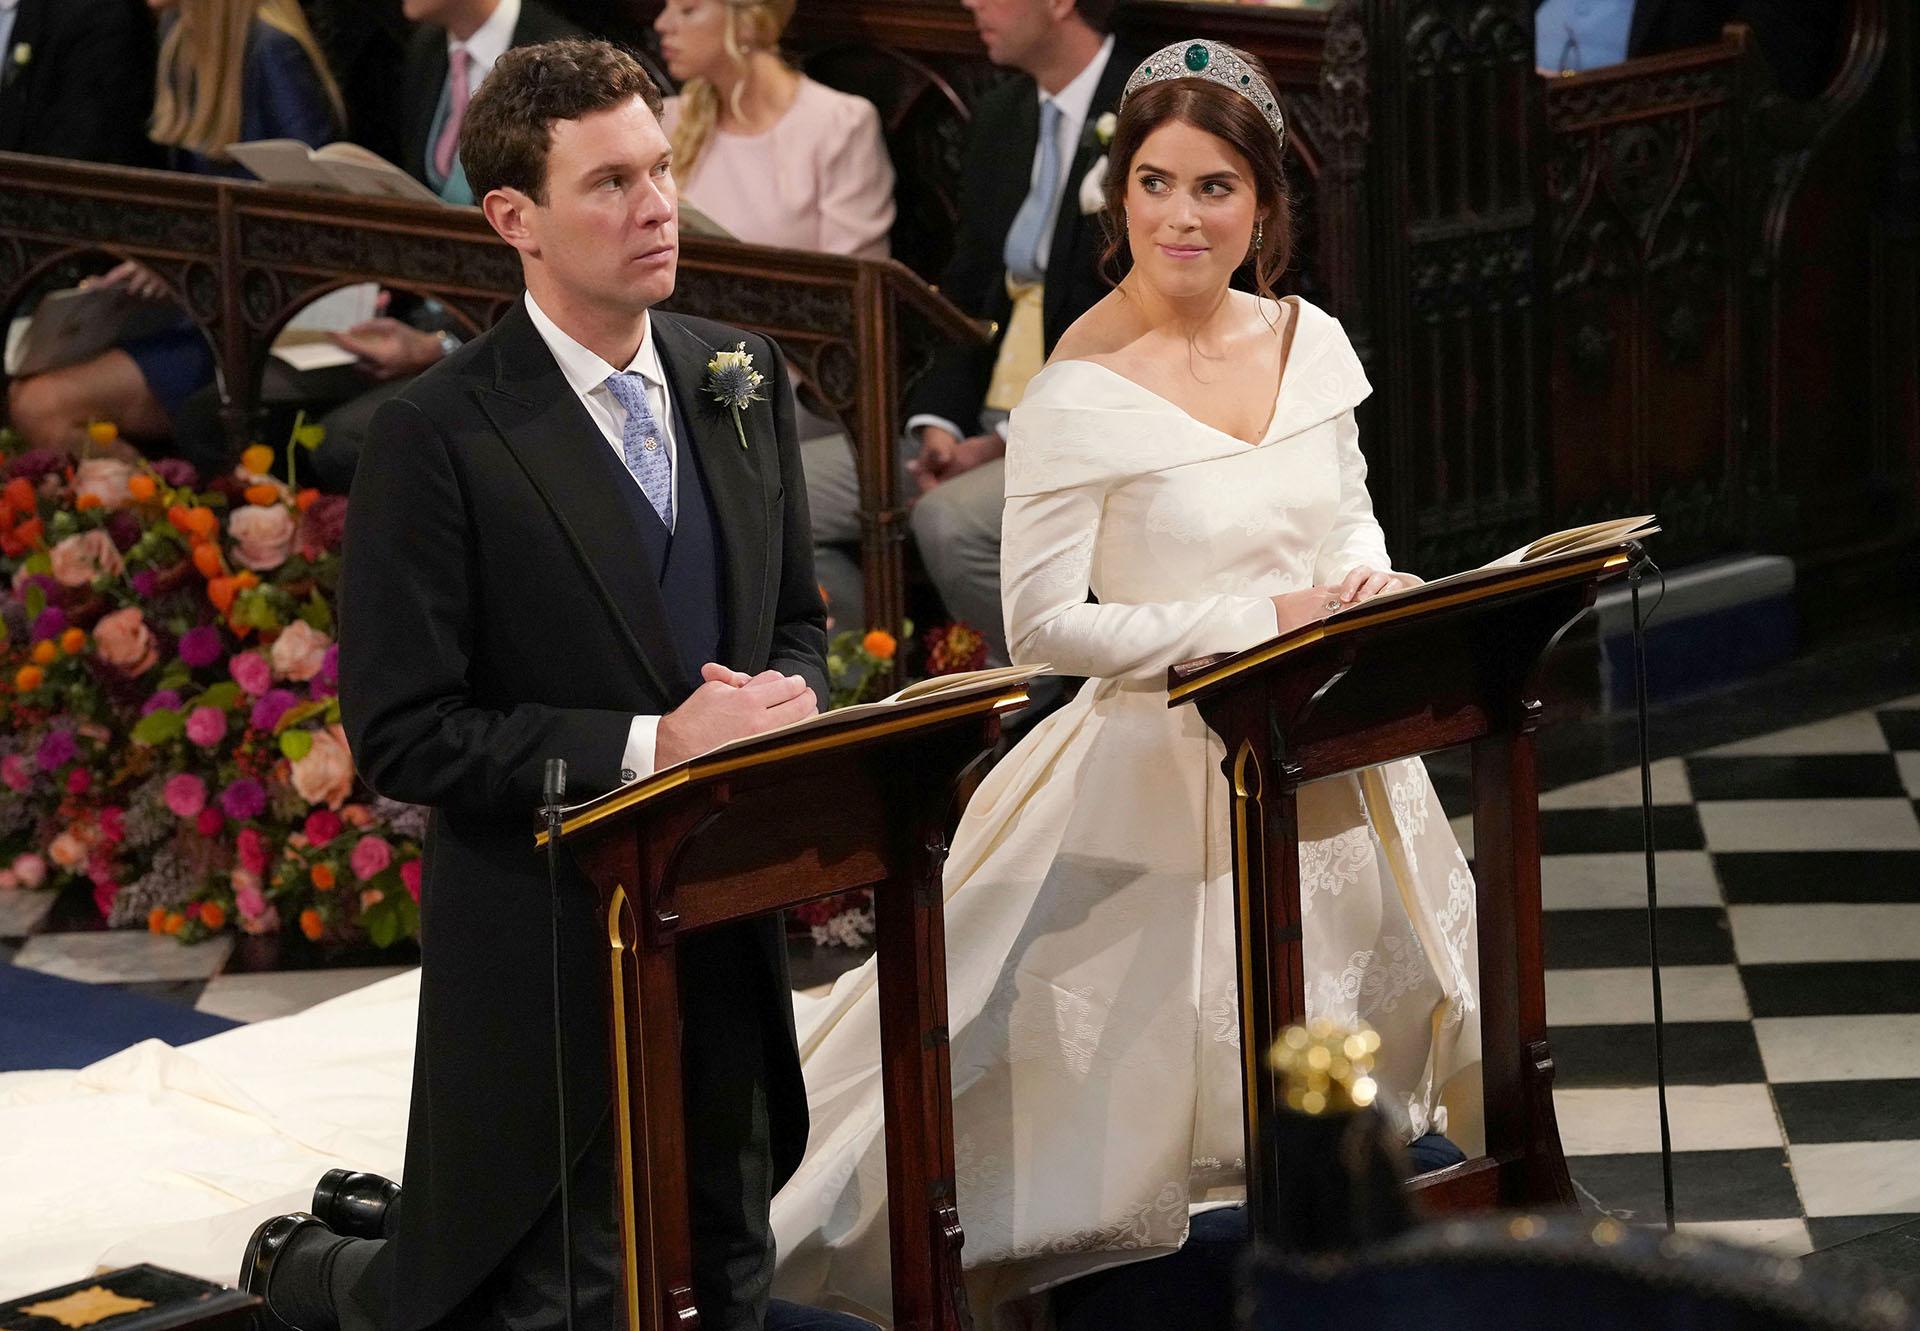 Miradas de amor durante la ceremonia que duró 45 minutos